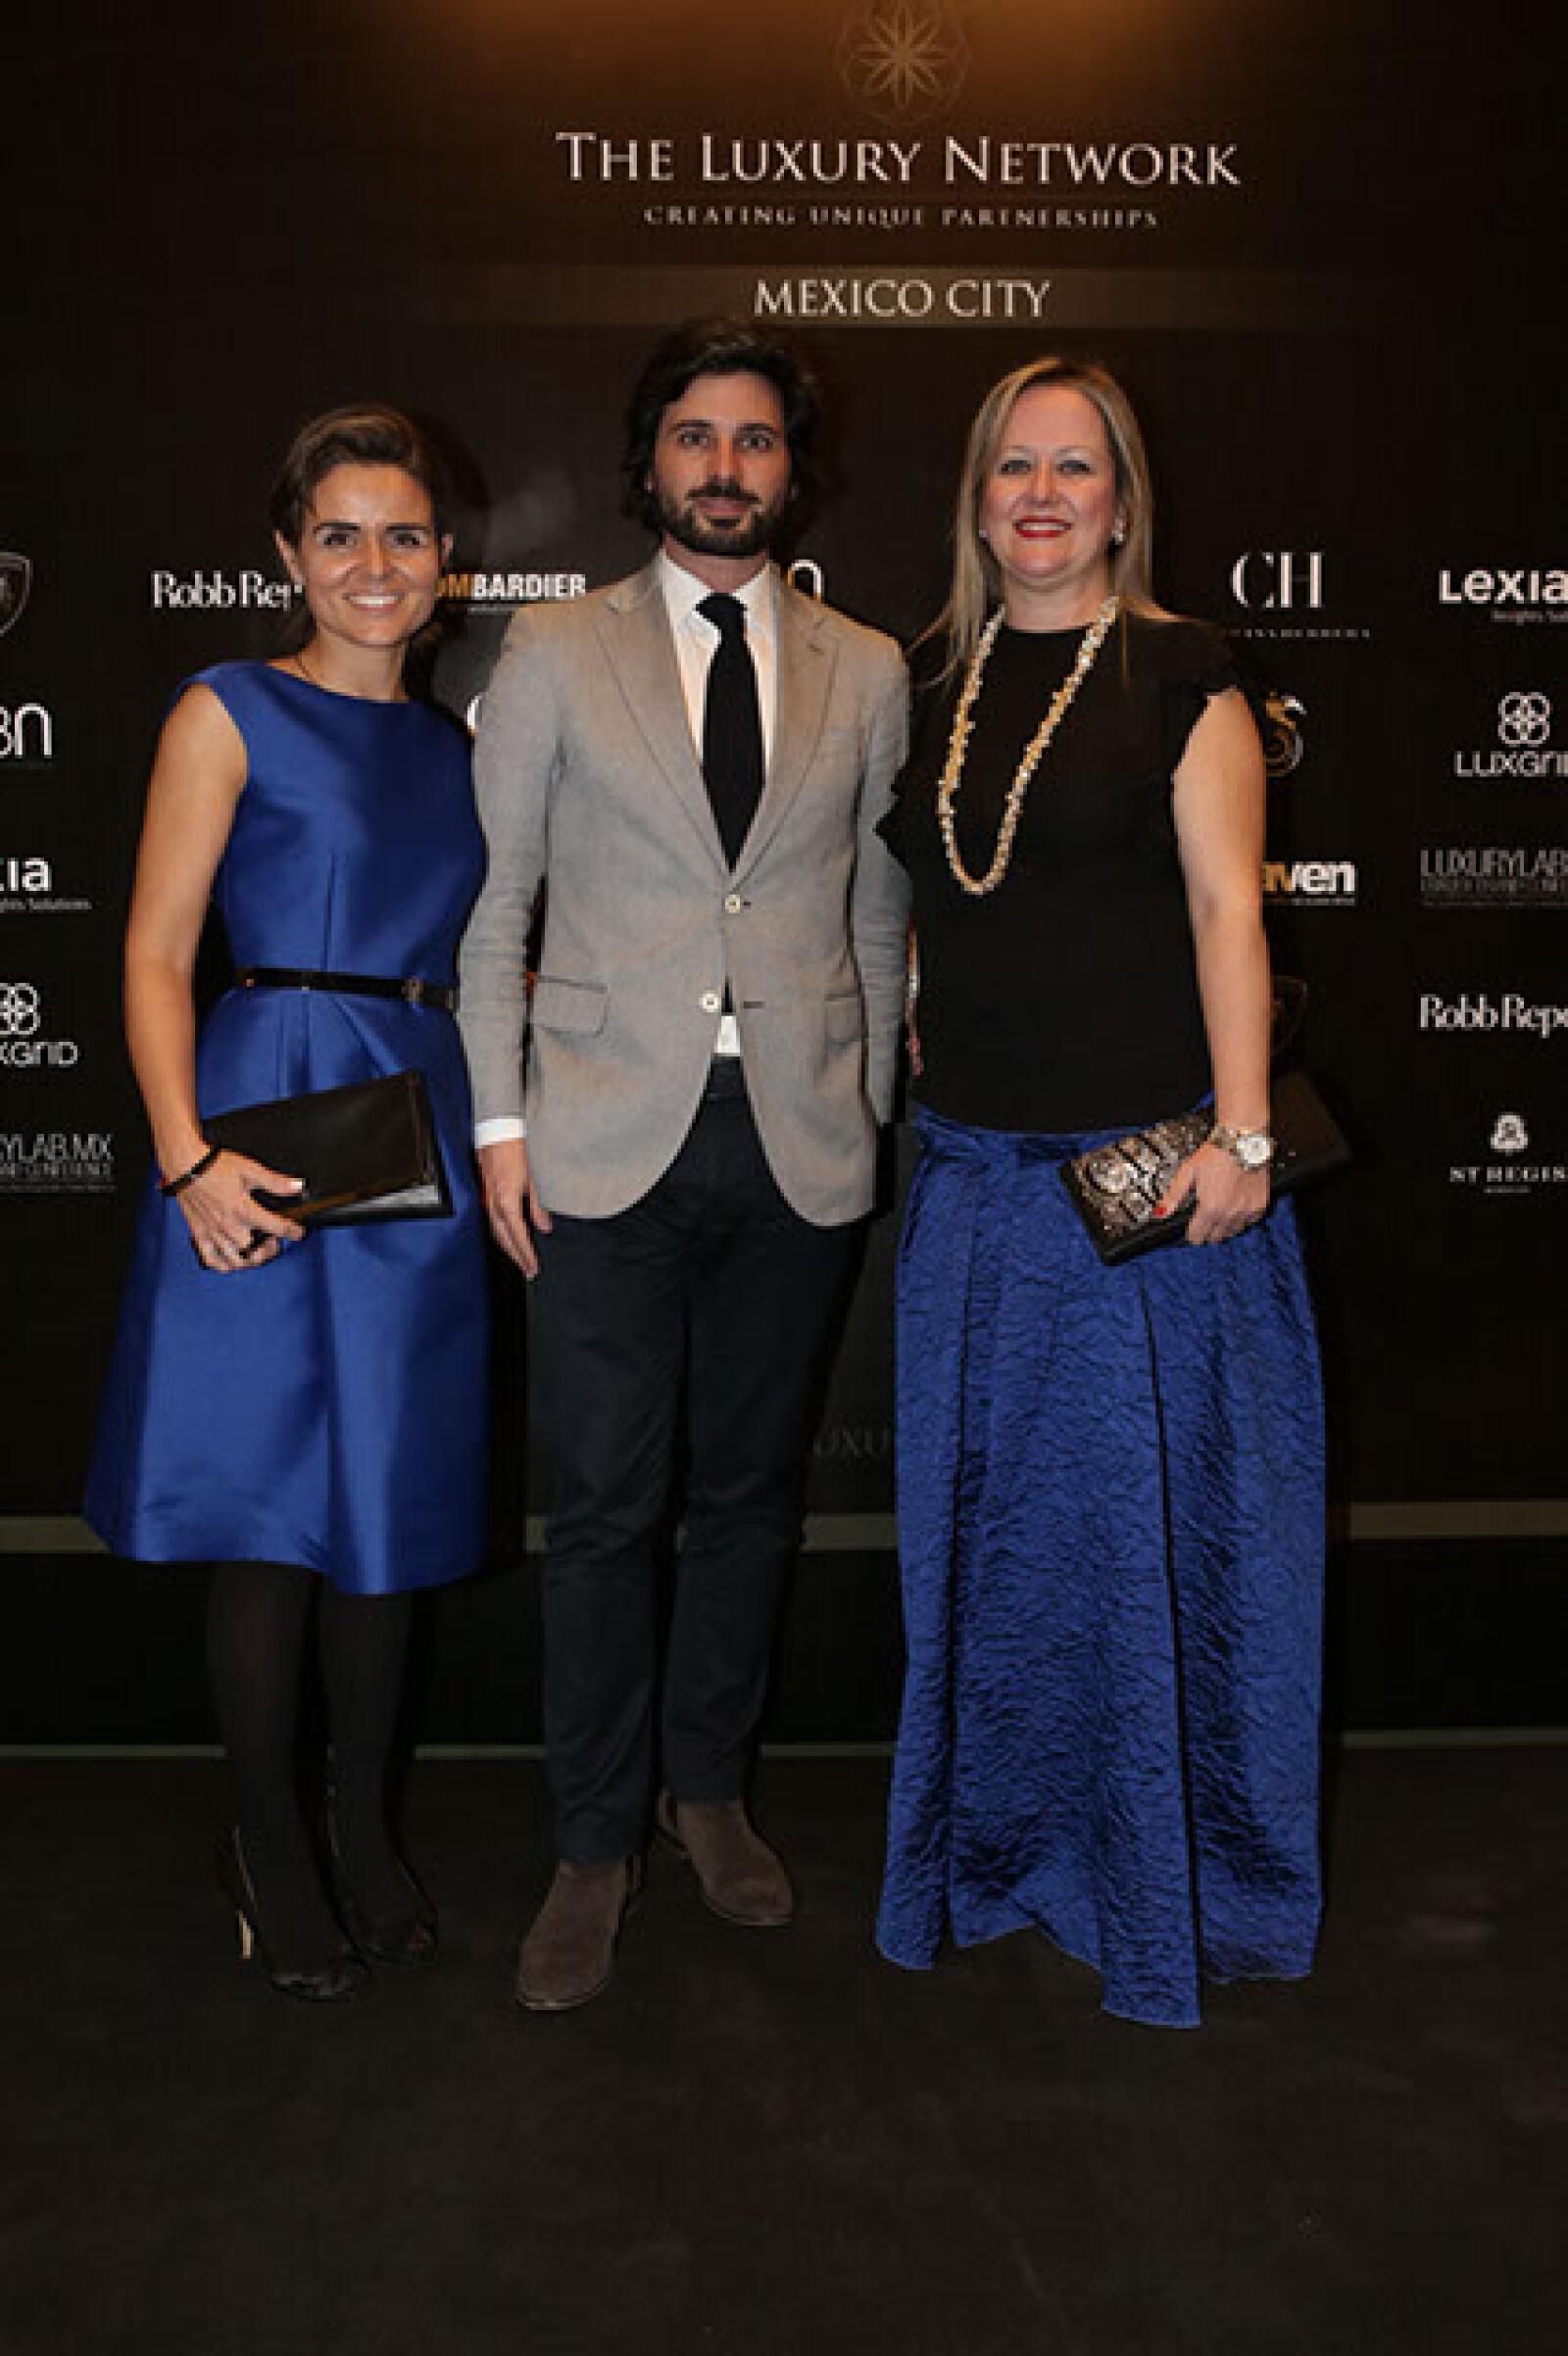 Ingrid de Barrios,Miguel Vargas,Yolanda Ruiz